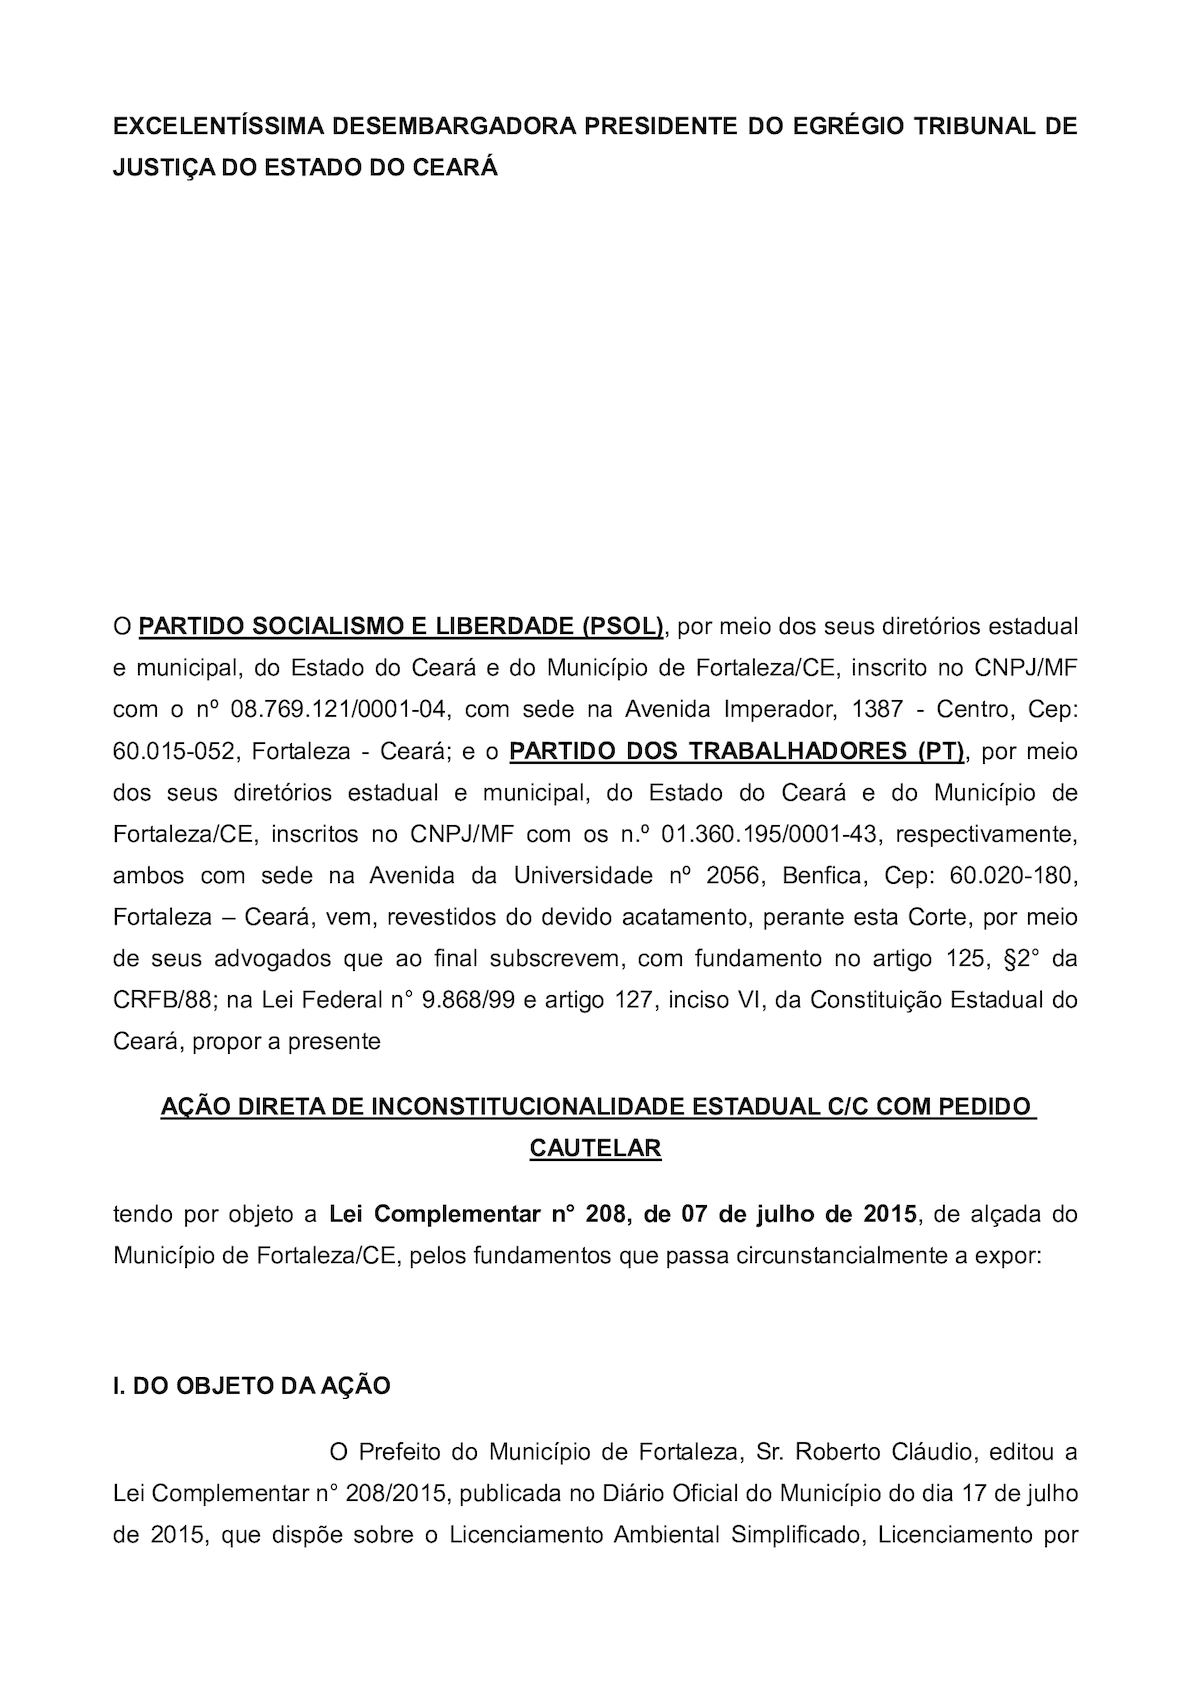 ADI Licenciamento Ambiental